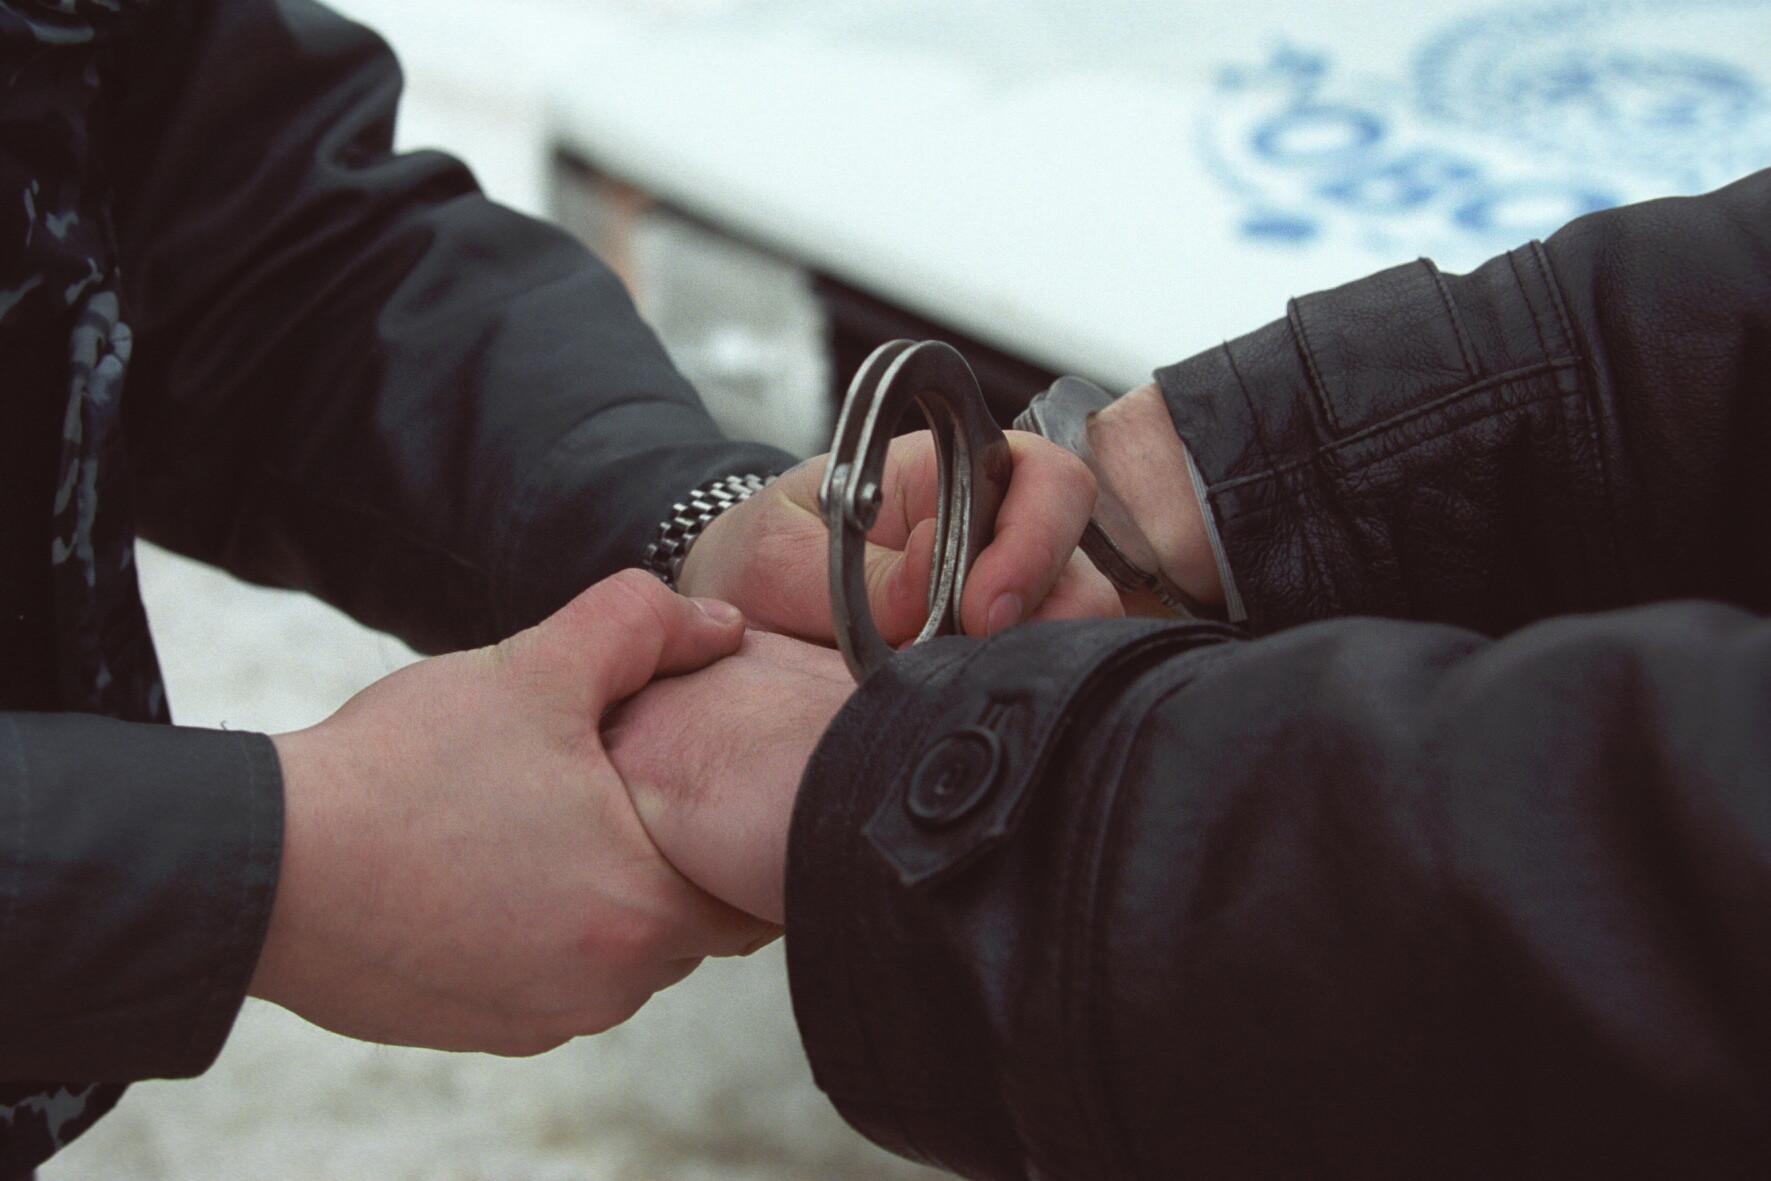 Первоуральскому инкассатору, похитившему 4,2 млн руб., угрожает 10 лет тюрьмы